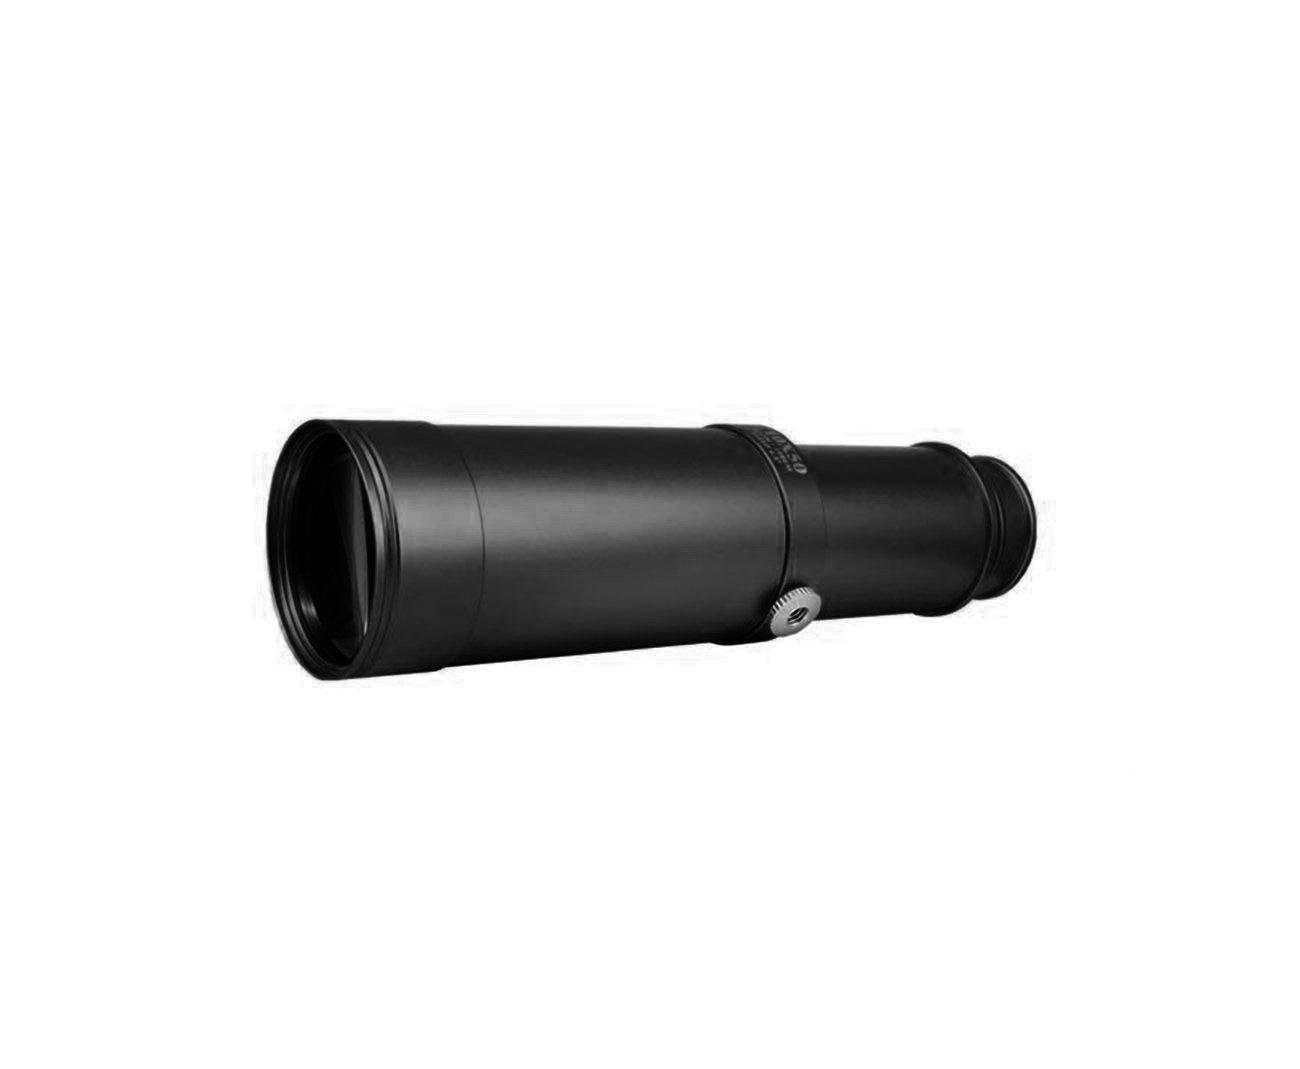 Monóculo 10x50 Wyj M1050b Black - Albatroz